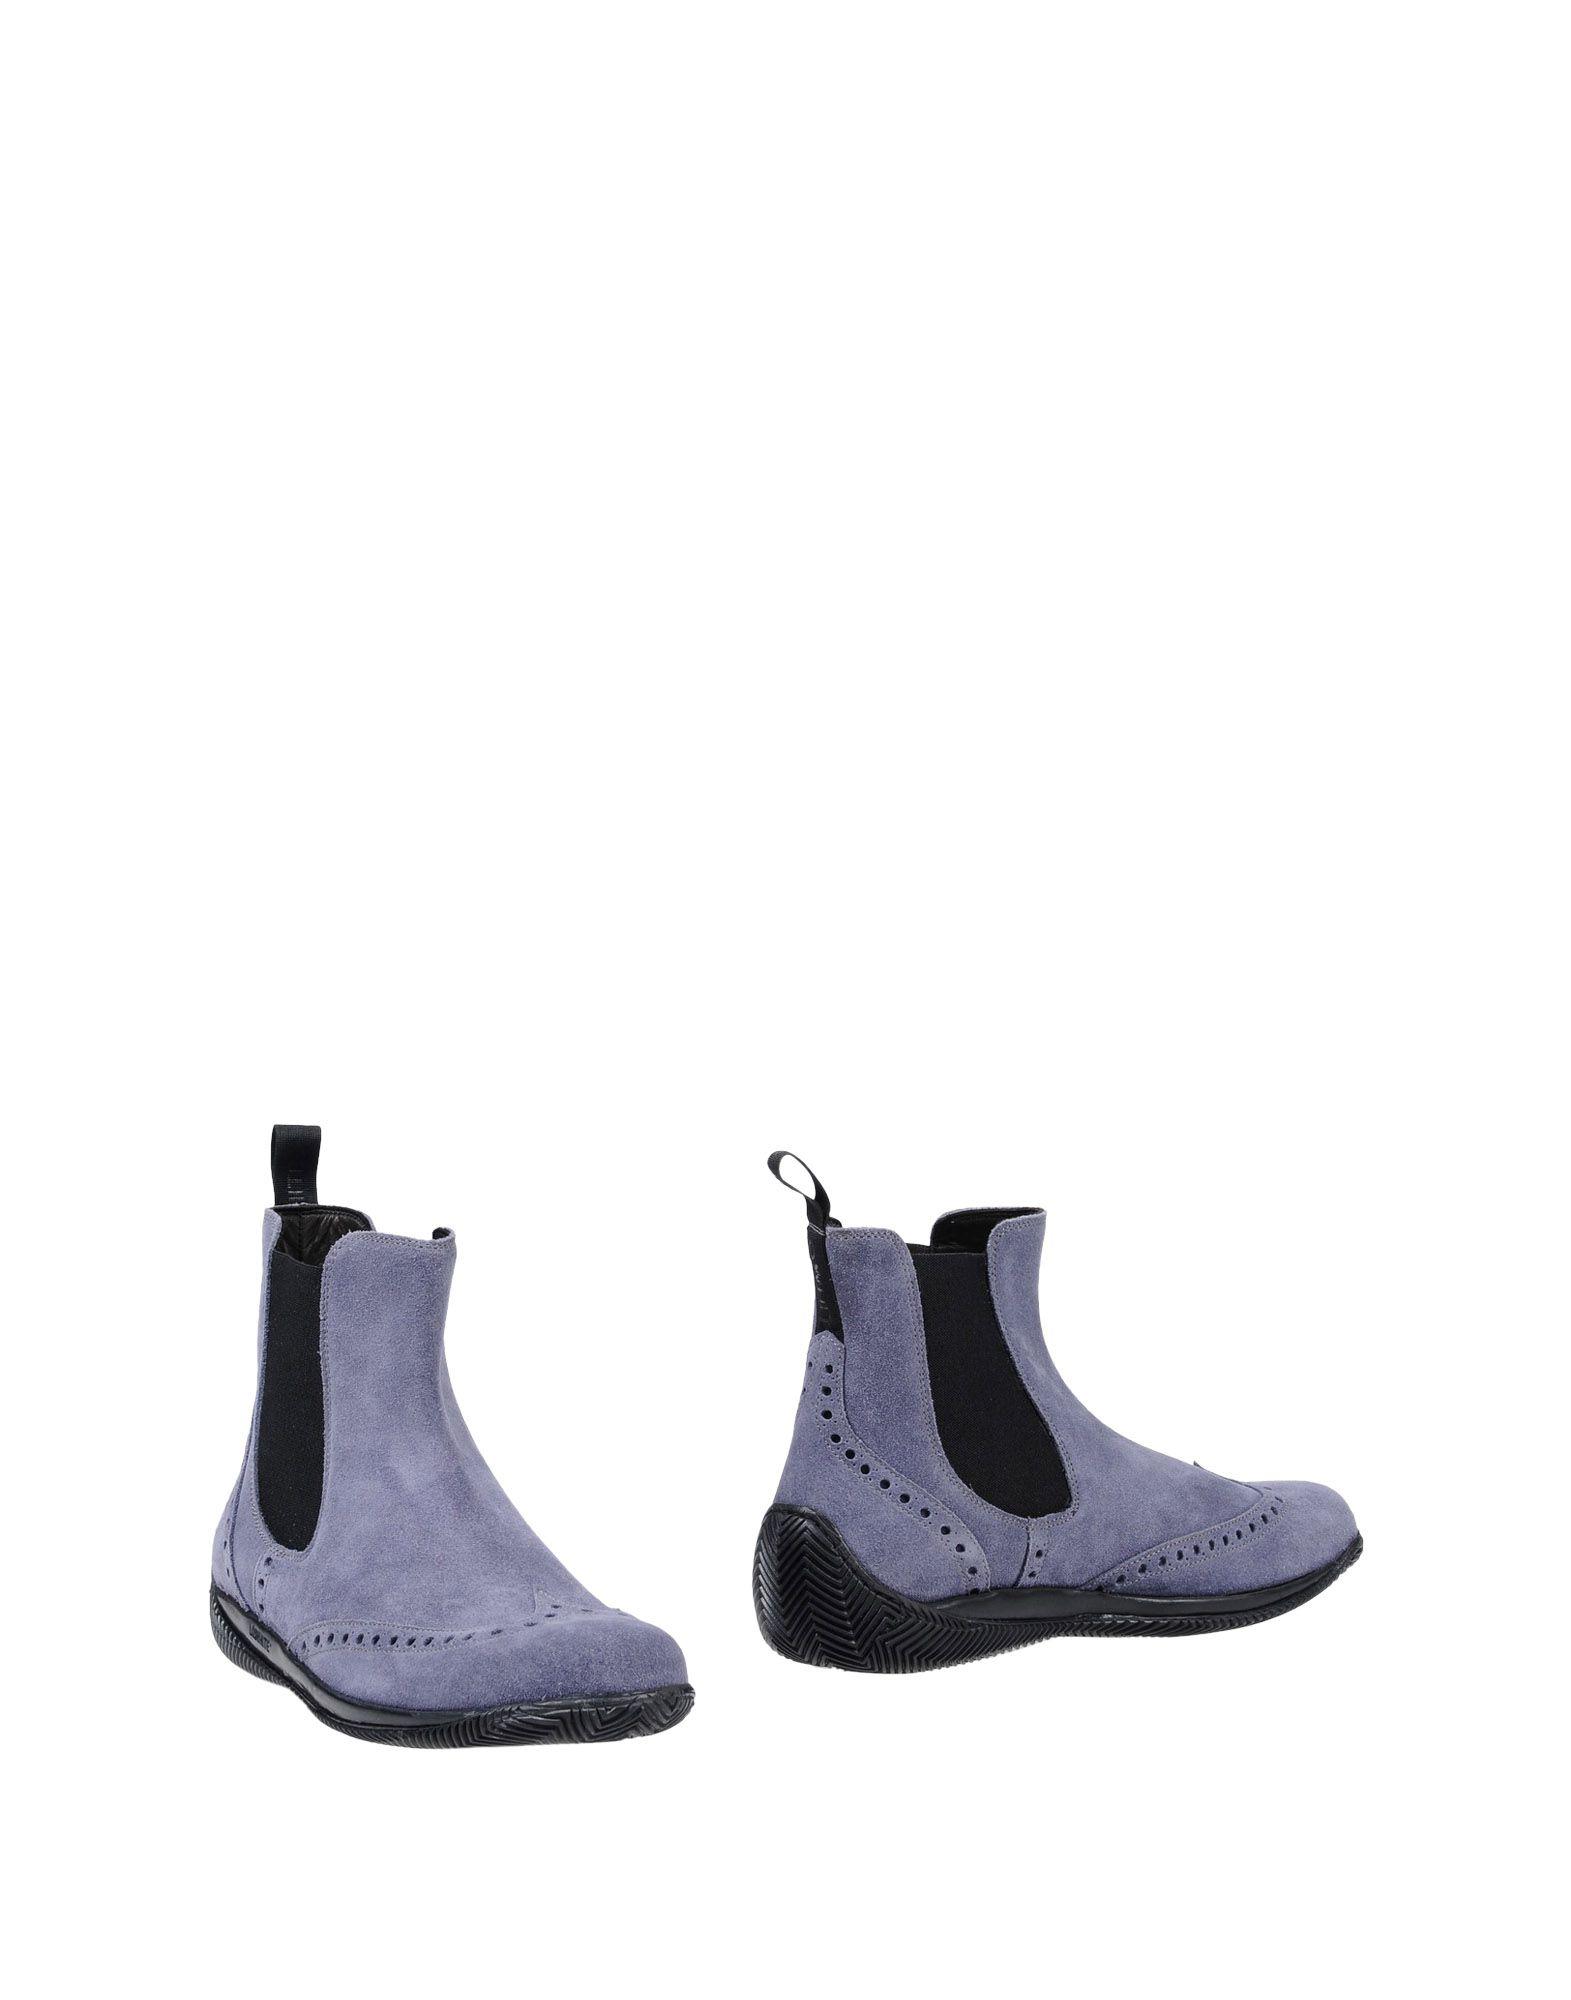 Schuhe Lo.White Stiefelette Herren  11413499XO Heiße Schuhe  6c652d